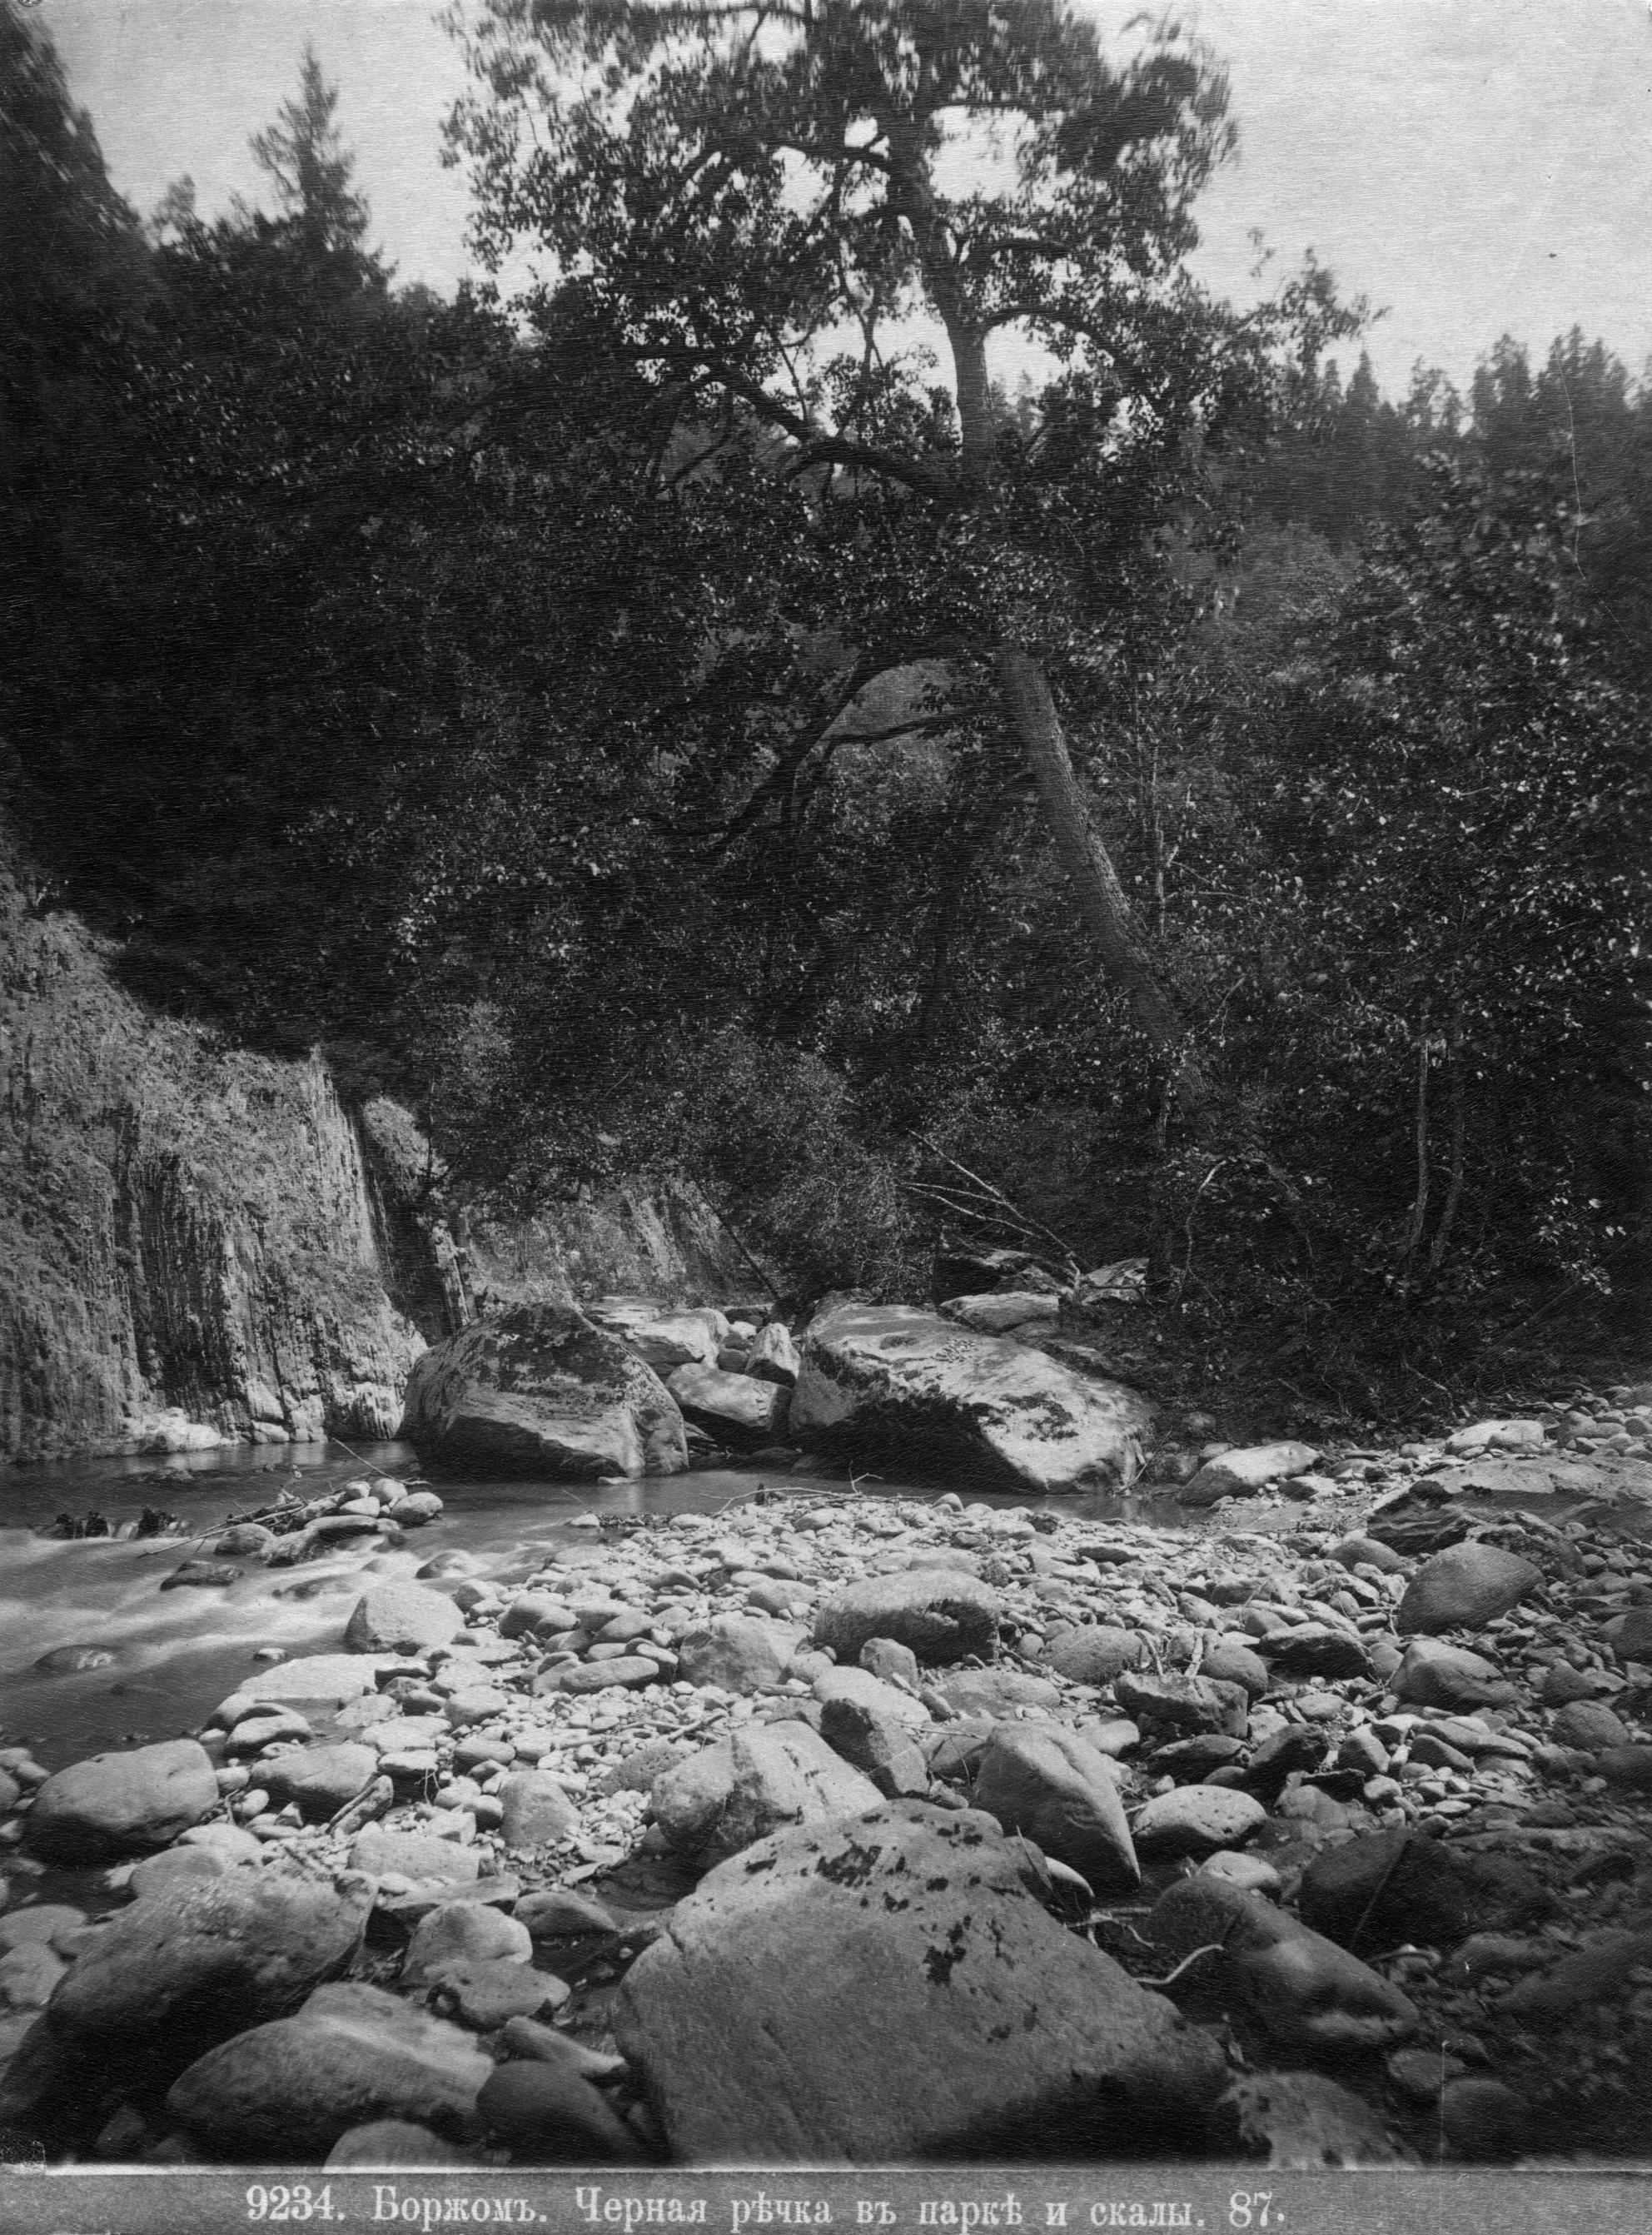 Черная речка в парке и скалы